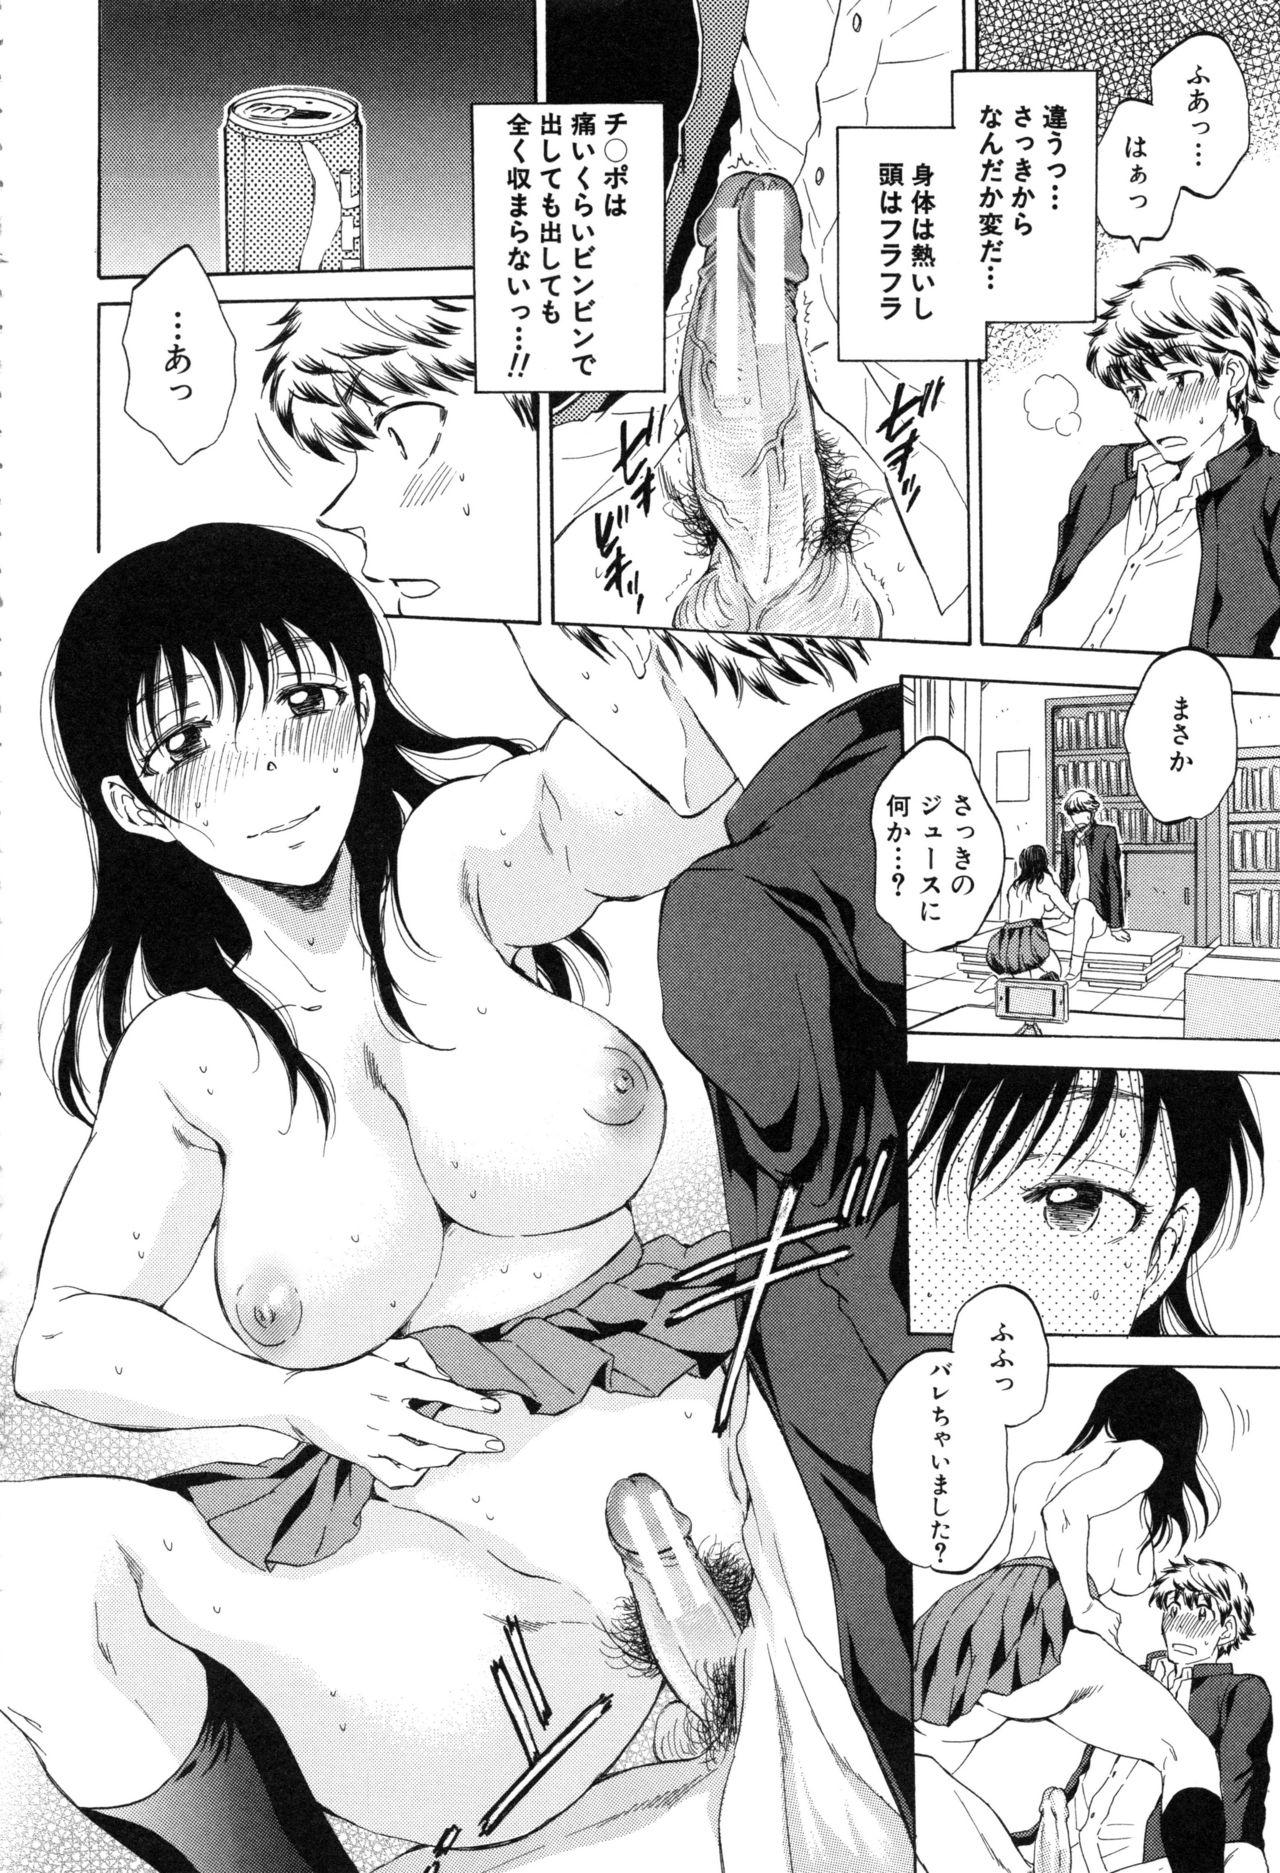 Kanojo ga Miteru Boku no Sex 70